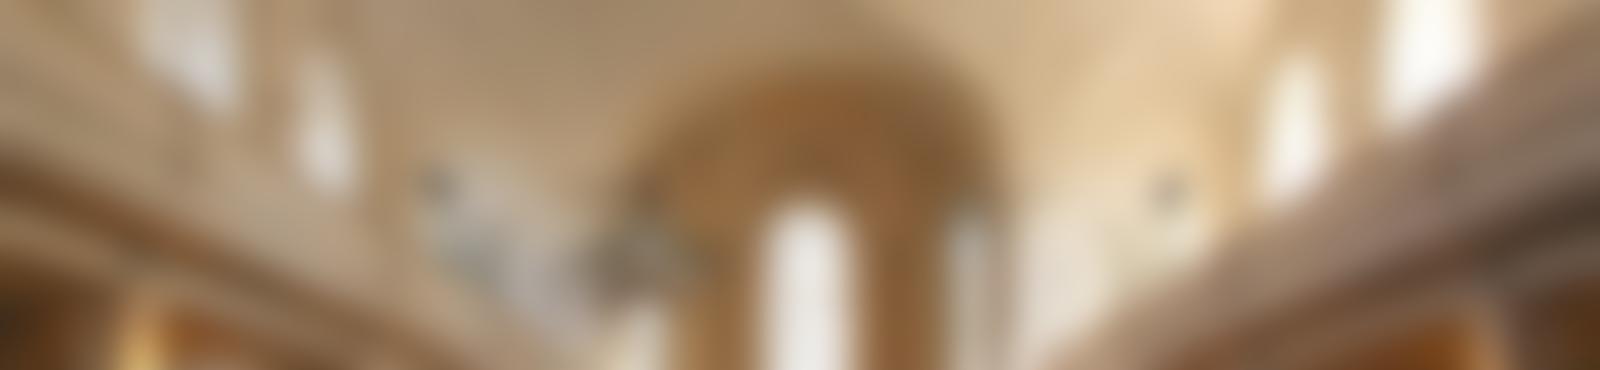 Blurred 1d95a907 a0db 4947 8cda 09c2db6596f4